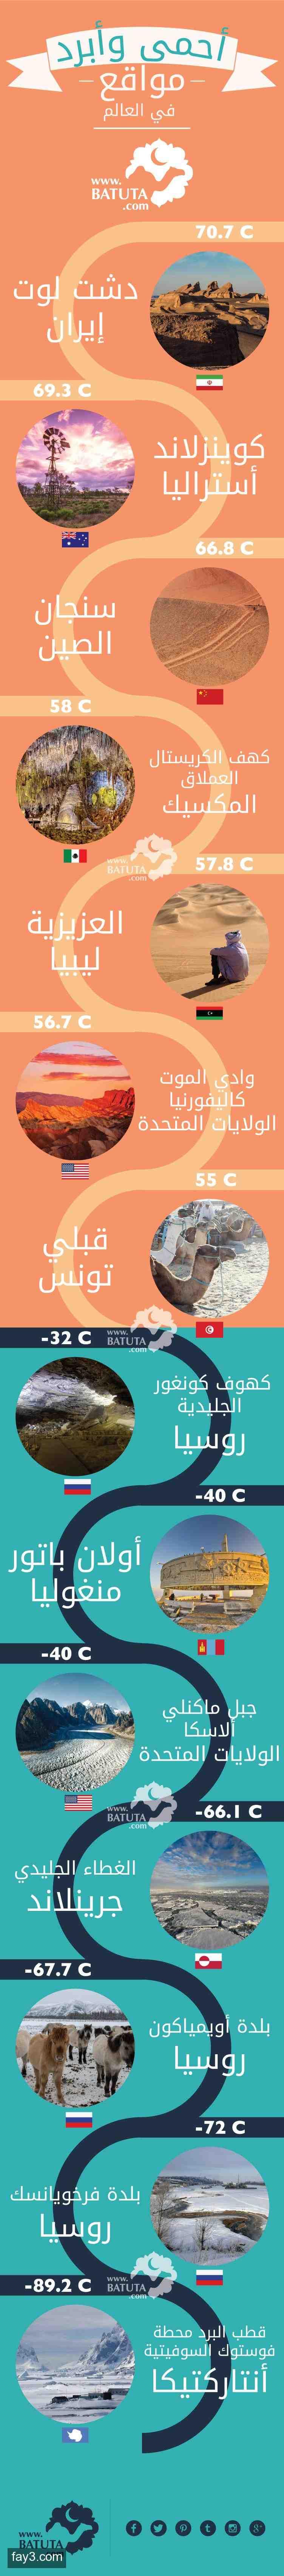 انفوجرافيك أحمى وأبرد مواقع في العالم Travel Around The World City Travel Infographic